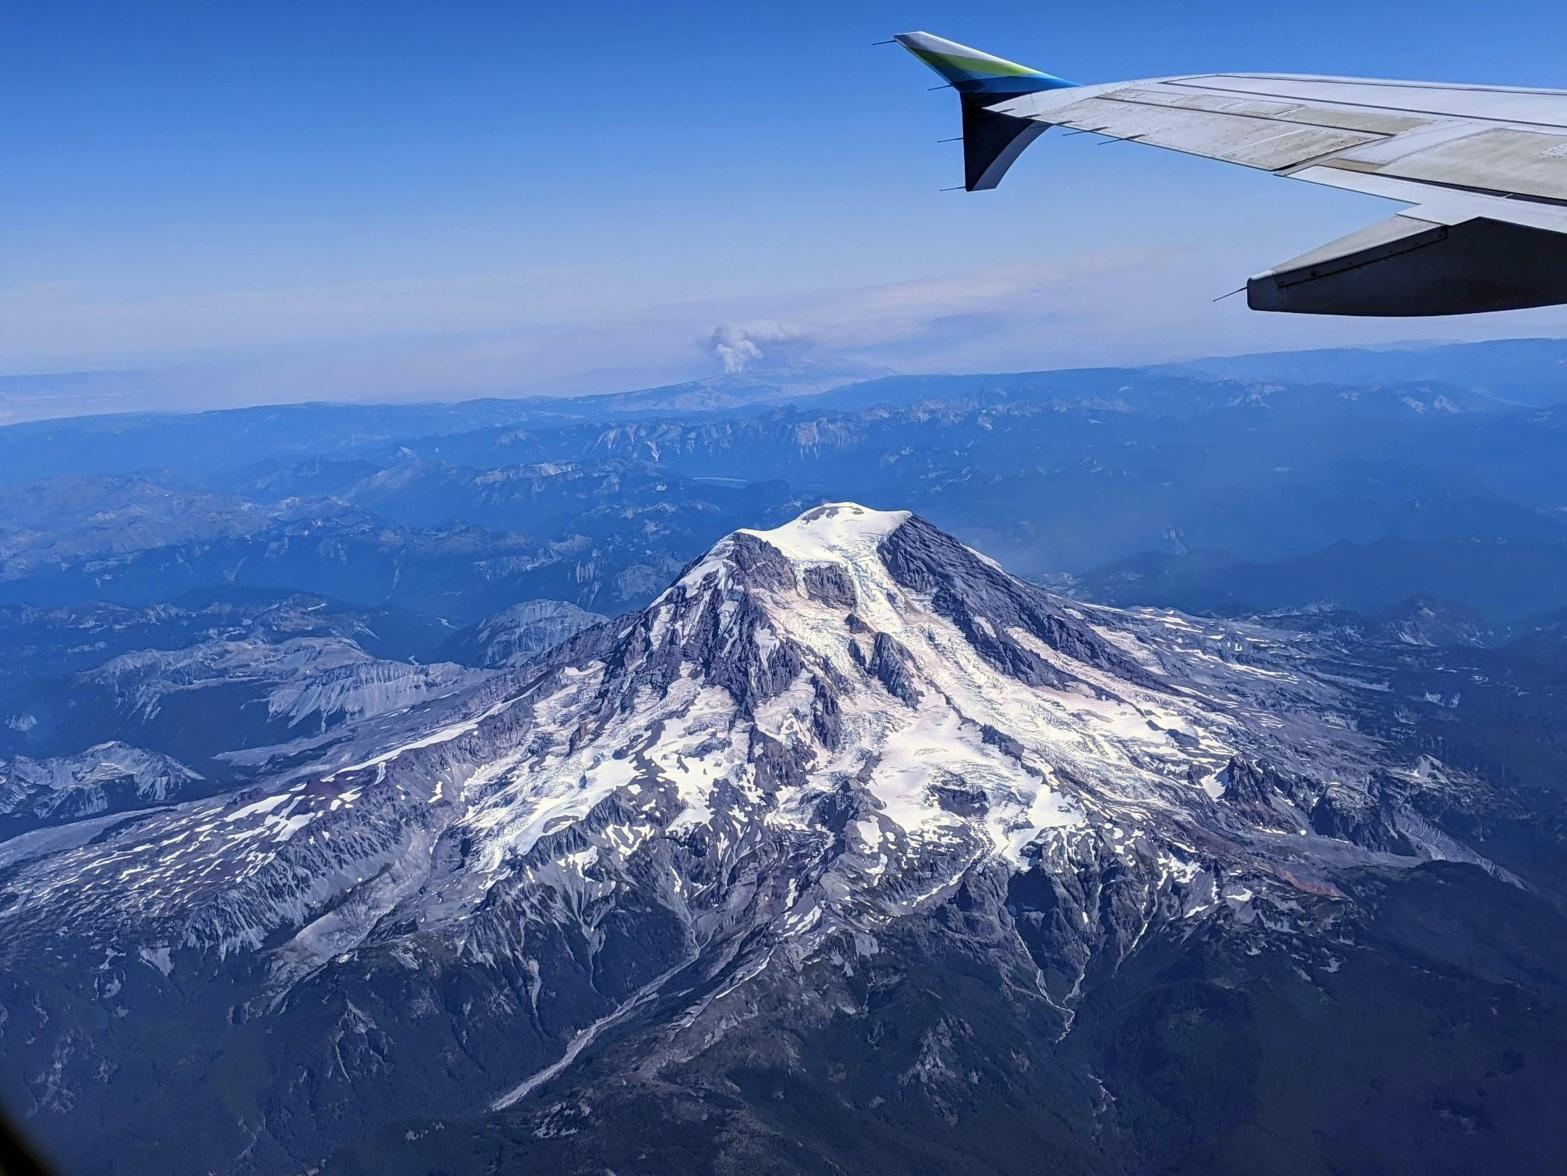 Flying Over Mt. Rainier